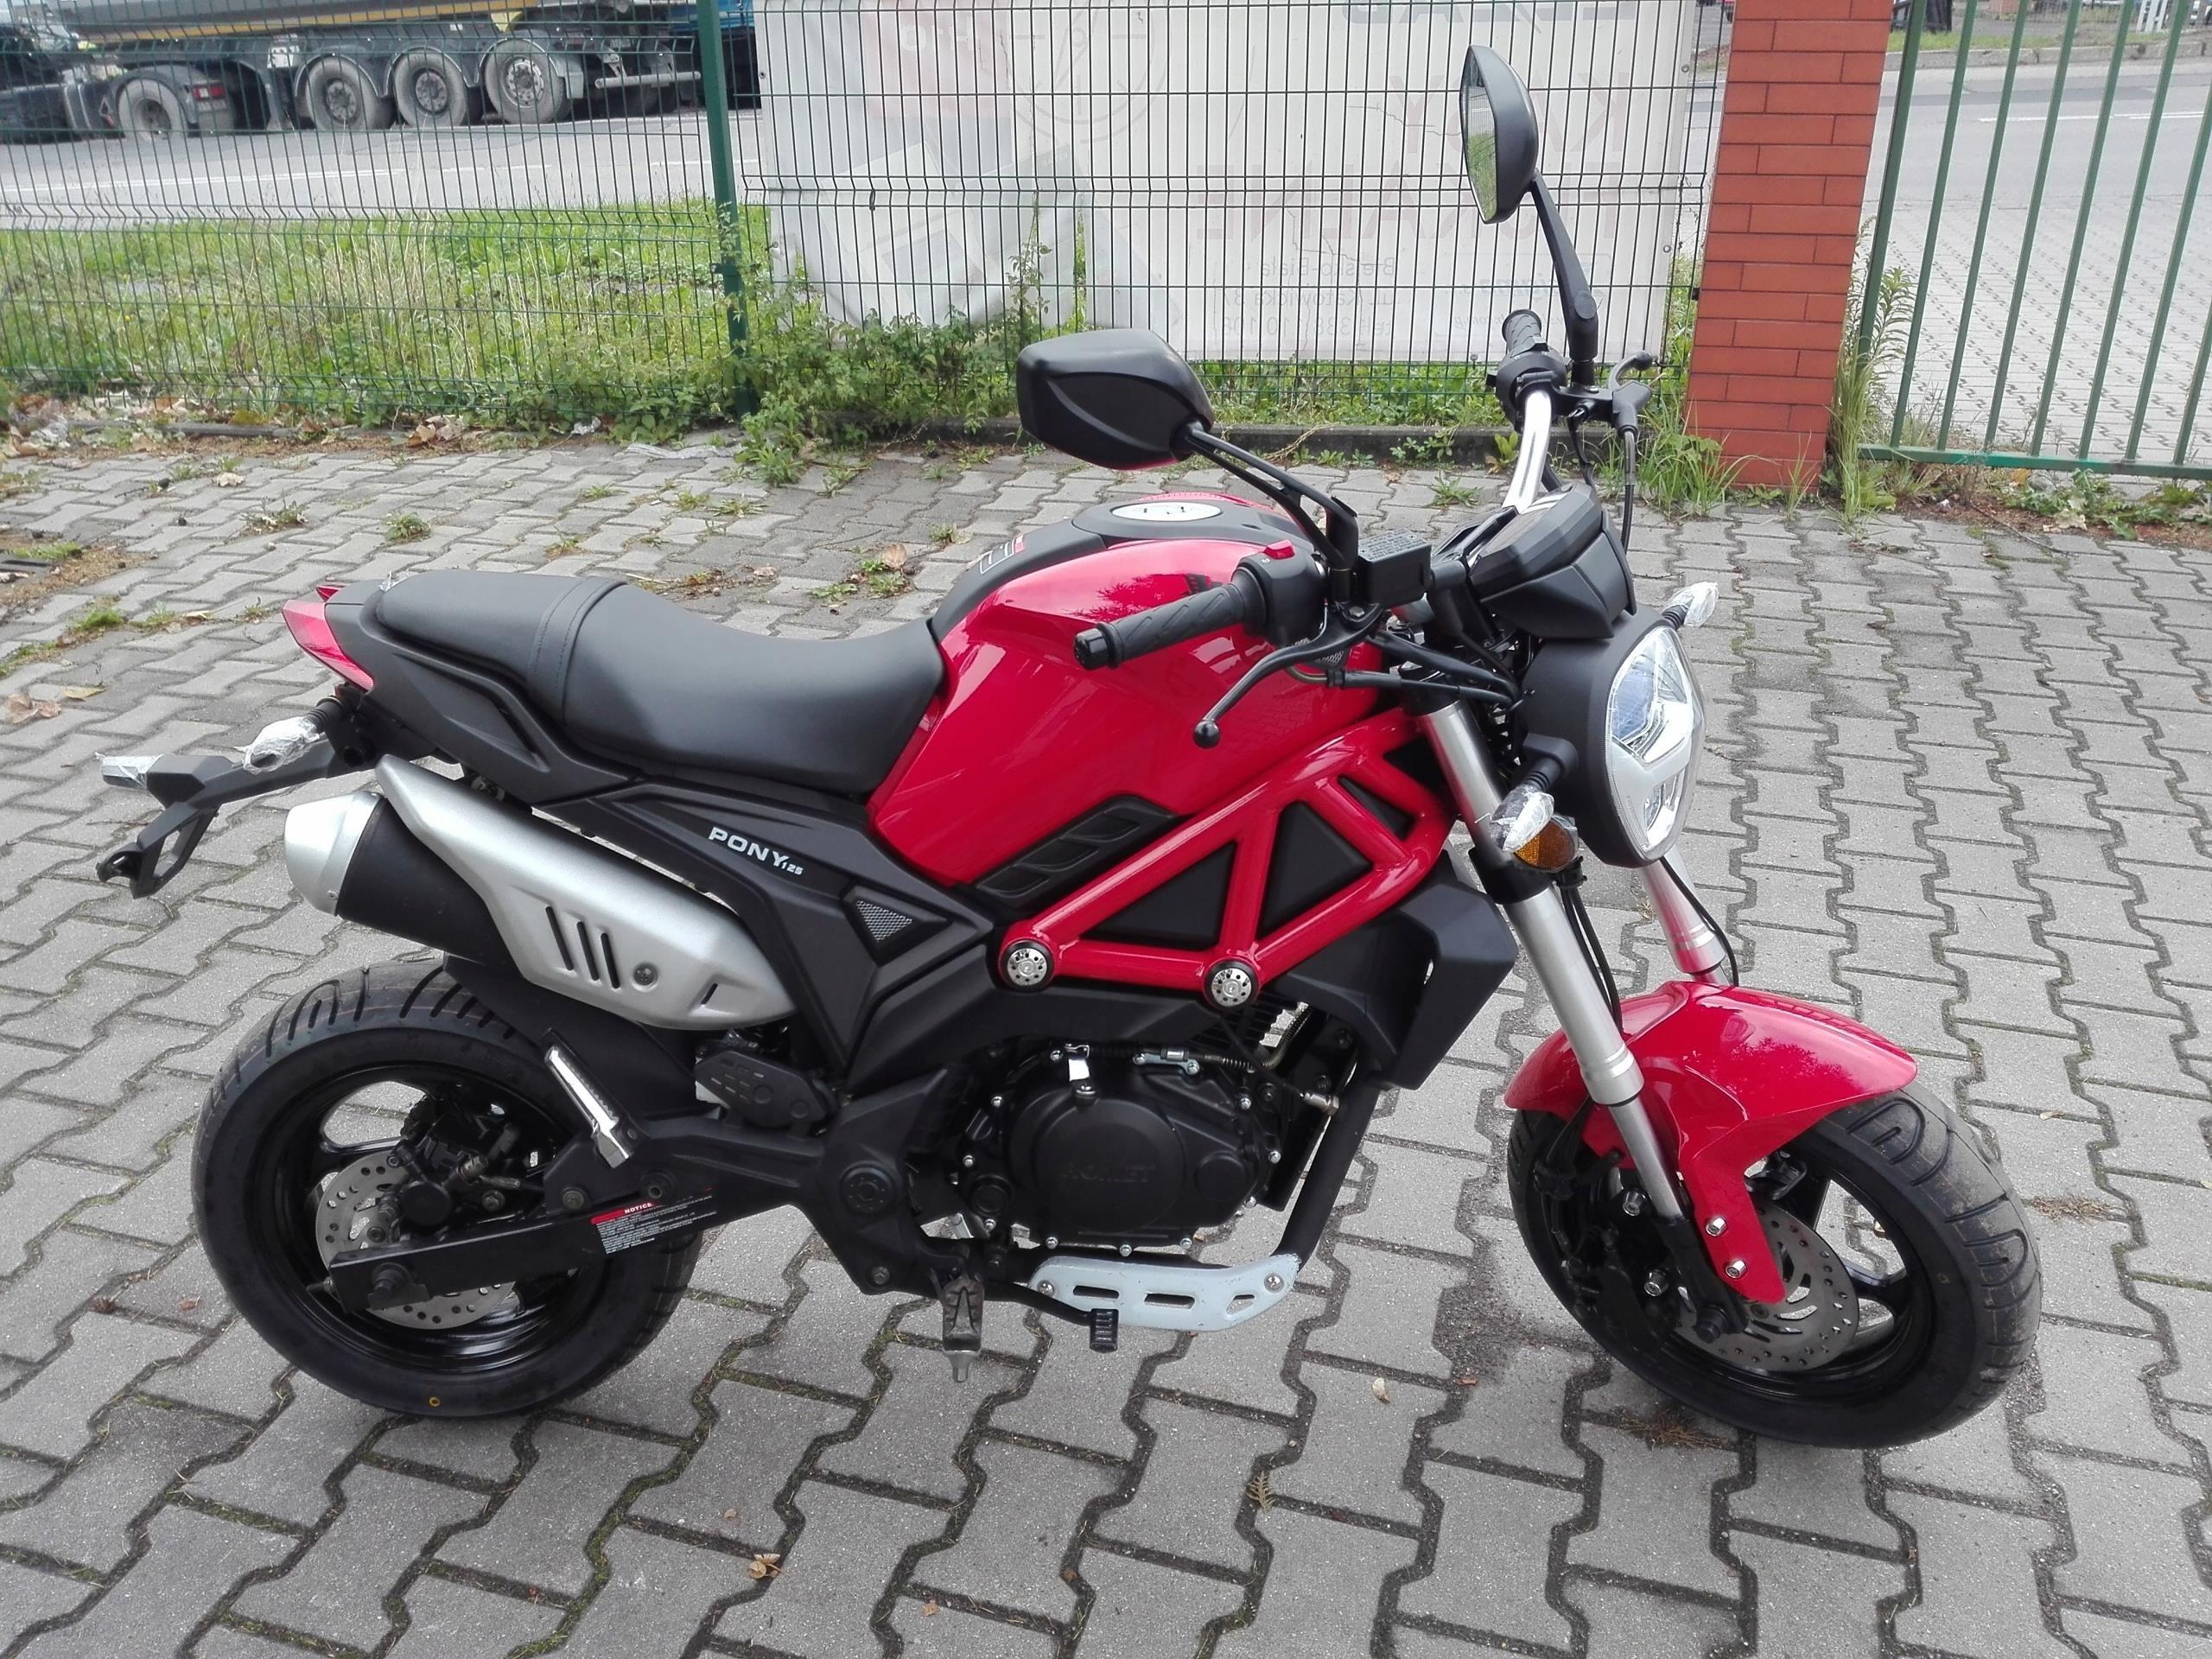 Motocykl 125 Romet Pony Nowosc Roku 2018 Bielsko Opinie I Ceny Na Ceneo Pl